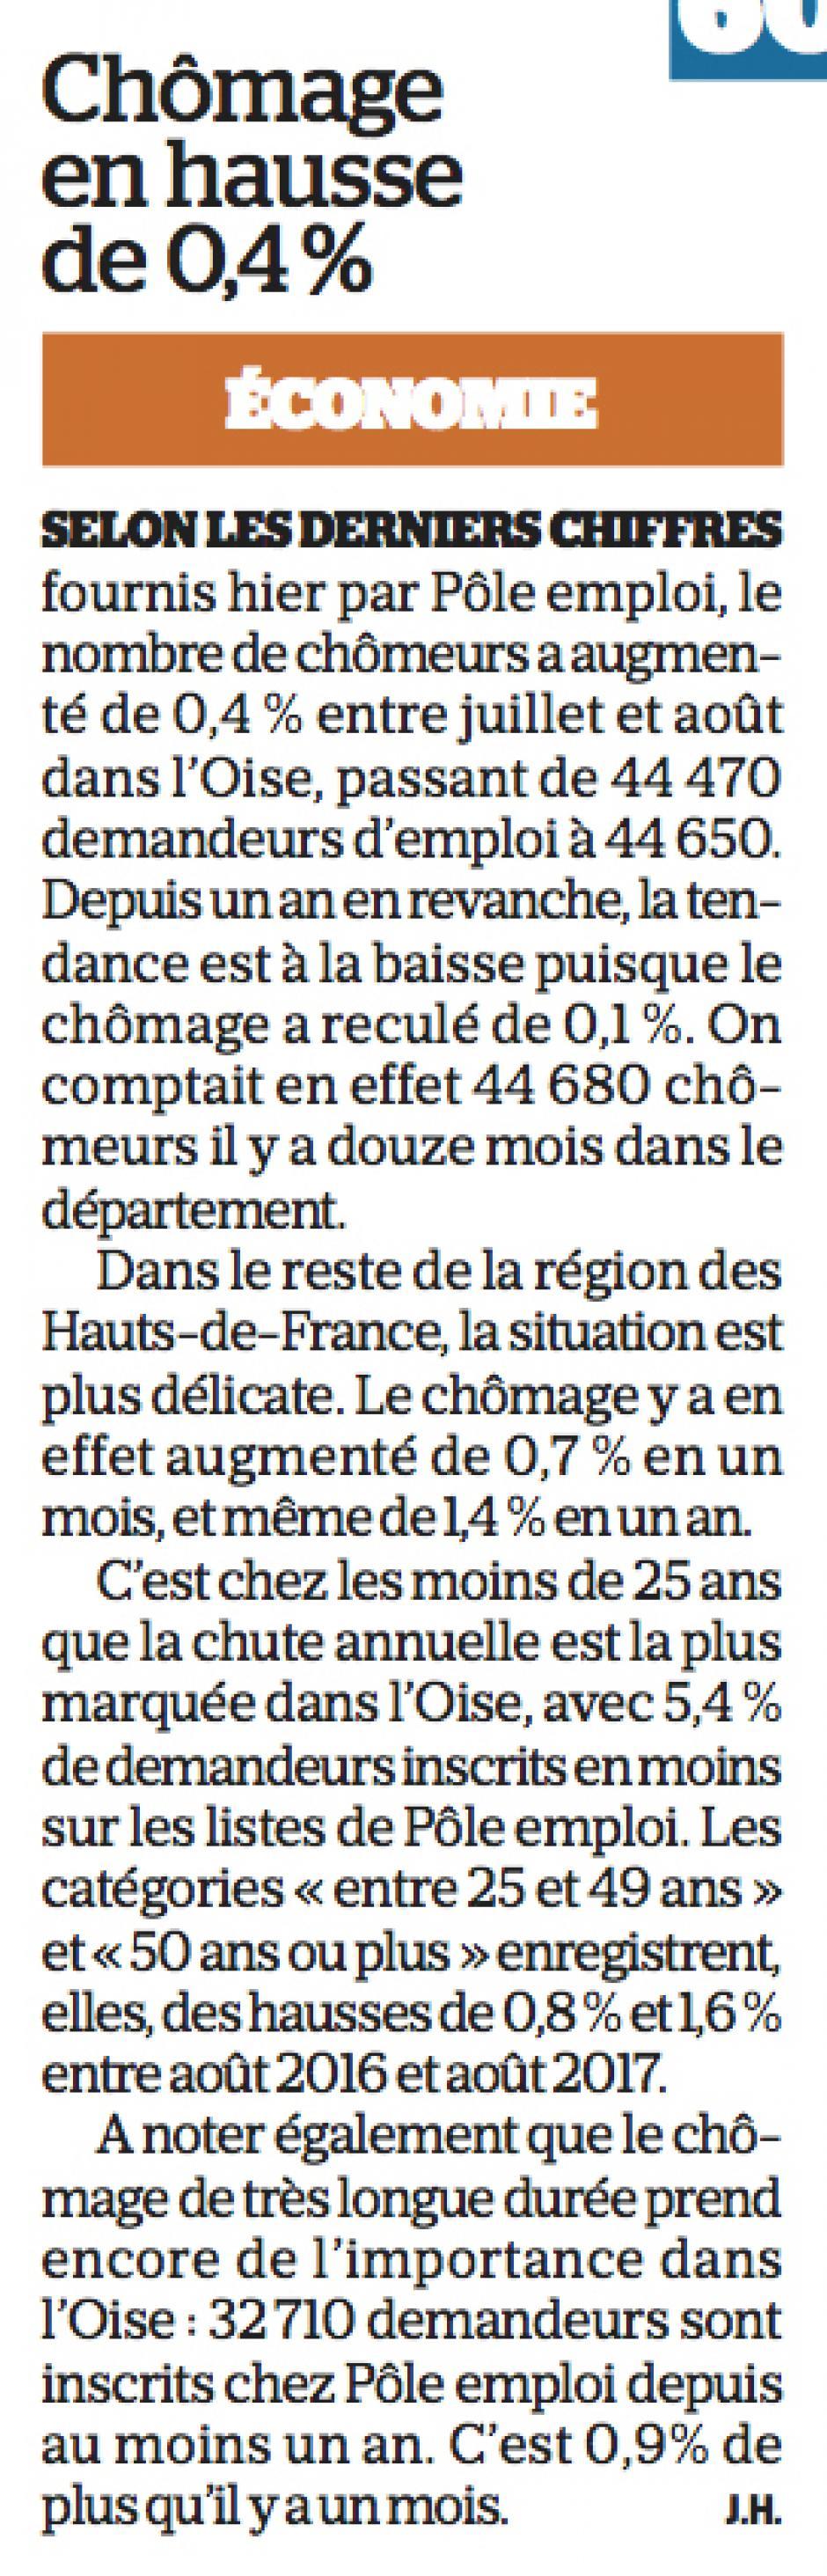 20170927-LeP-Oise-Chômage en hausse de 0,4 %